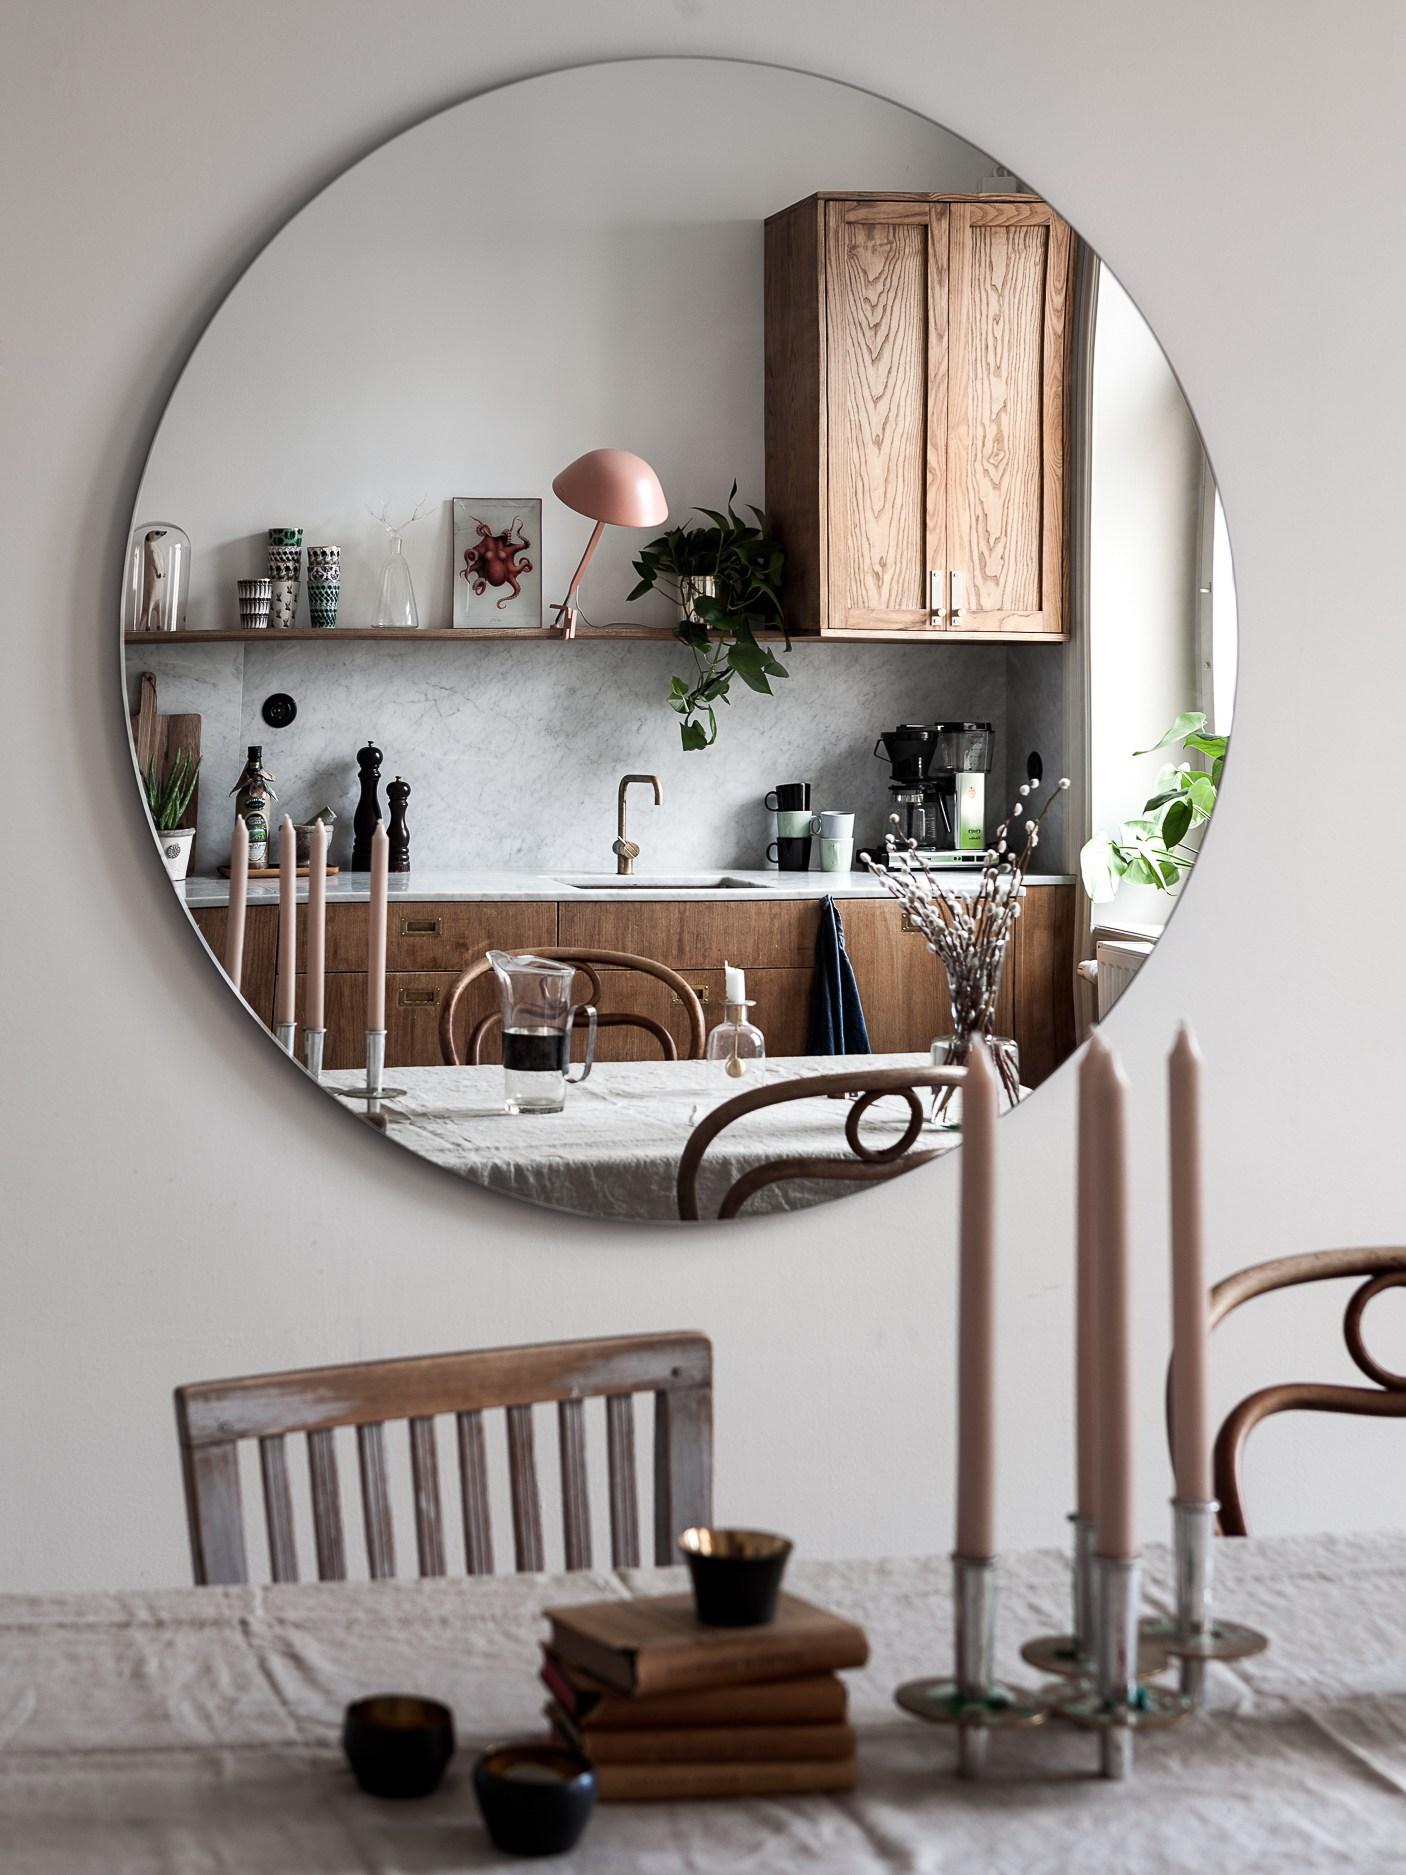 miroir cuisine marbre et bois déco blog Lili in Wonderland